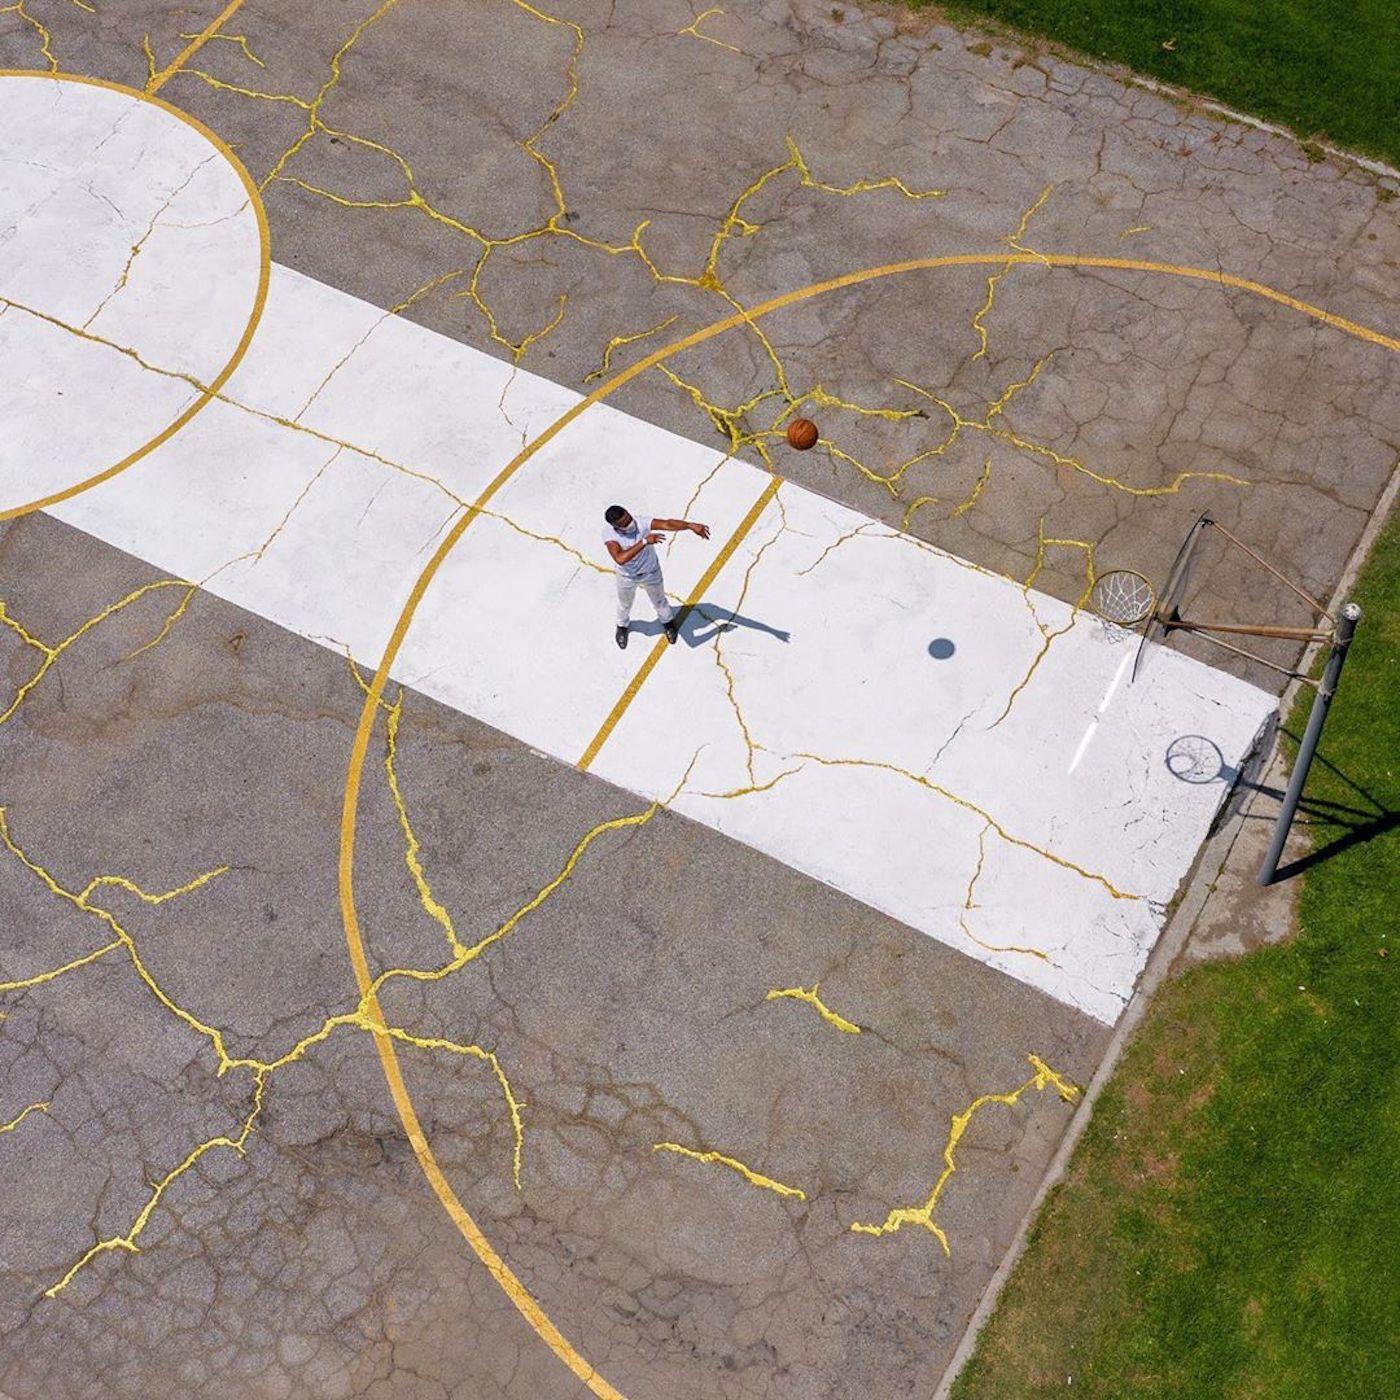 L'artiste Victor Solomon répare un terrain basket avec de la poudre d'or